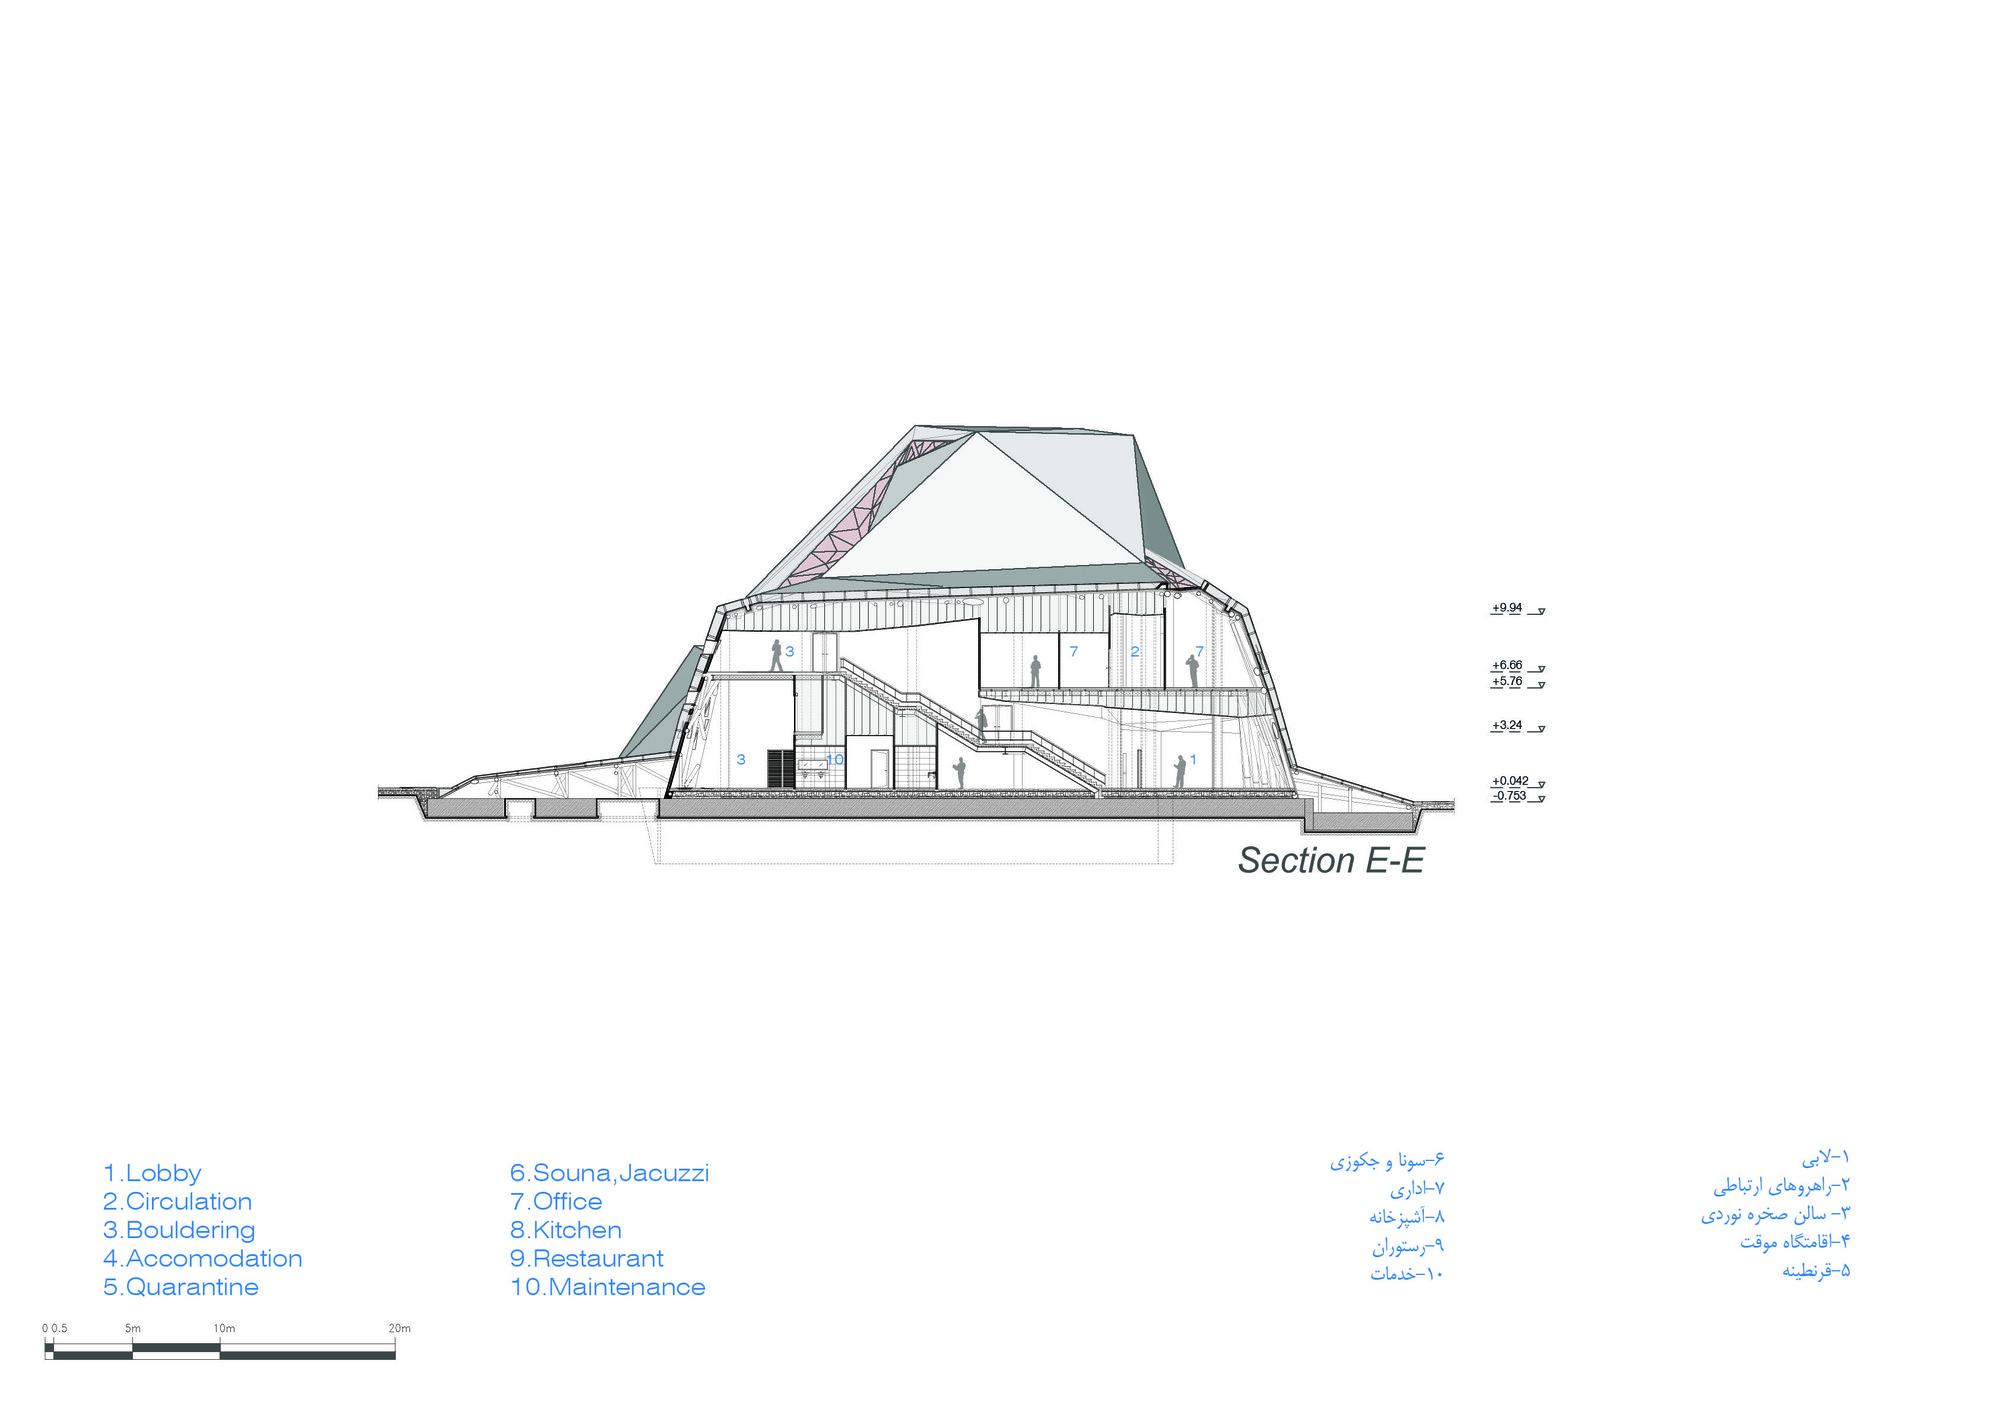 52e1b2a7e8e44e081d000039_new-wave-architecture-designs-rock-gym-for-polur_sece